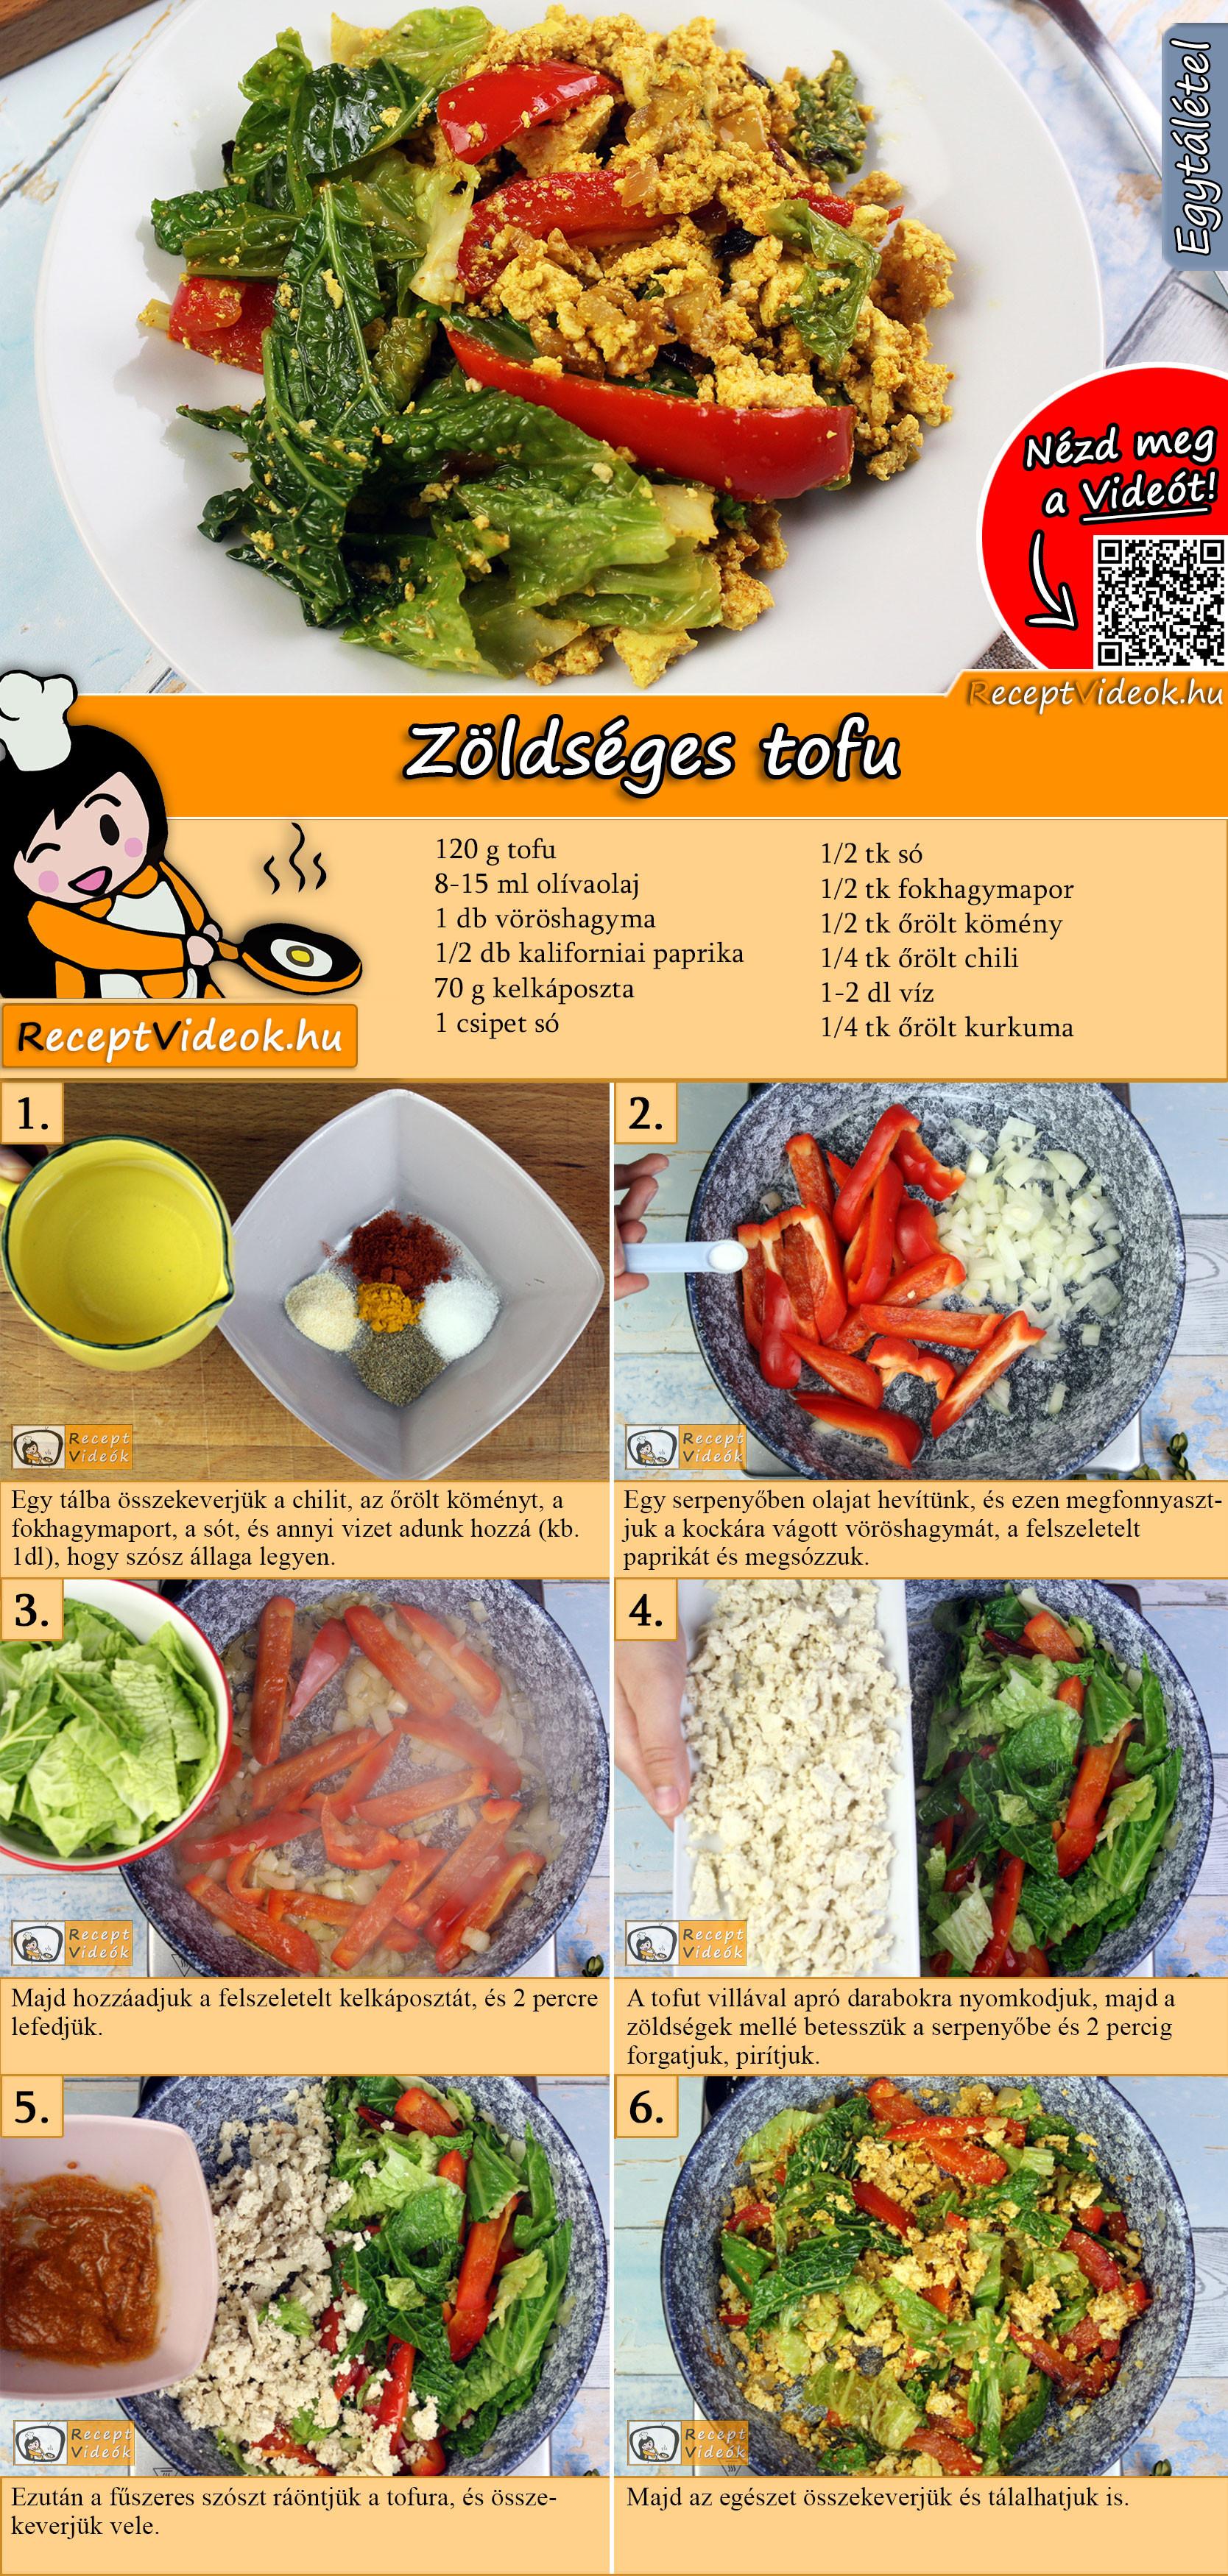 Zöldséges tofu recept elkészítése videóval